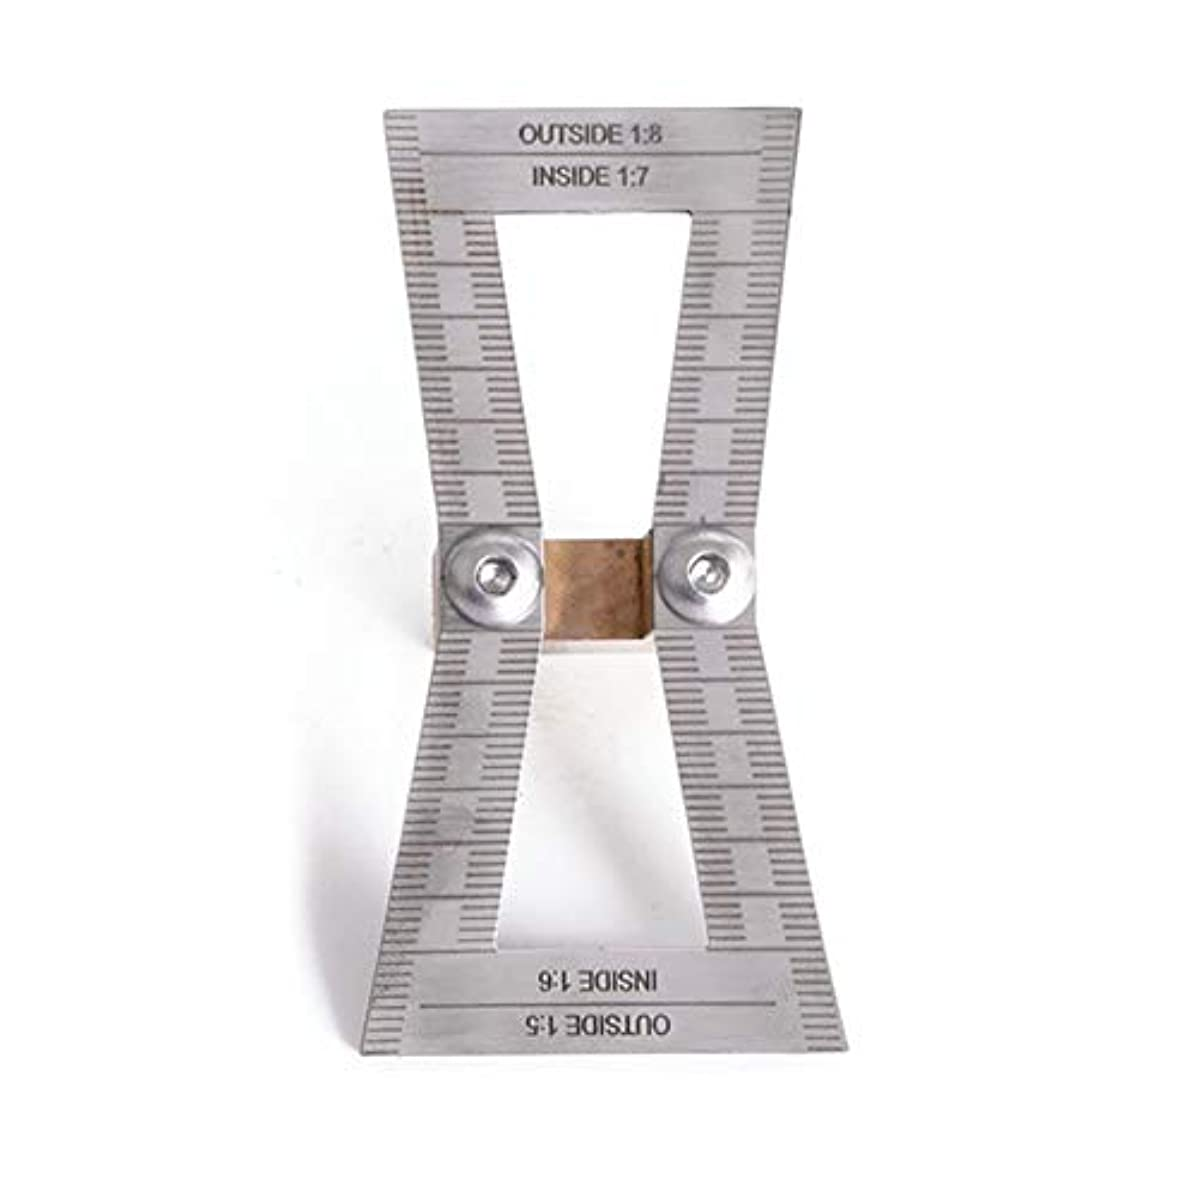 ミルク憤る原子炉Profeel ダブテールスクライブラインプランナー木工は、大工用のスケールでテンプレート図面を交差